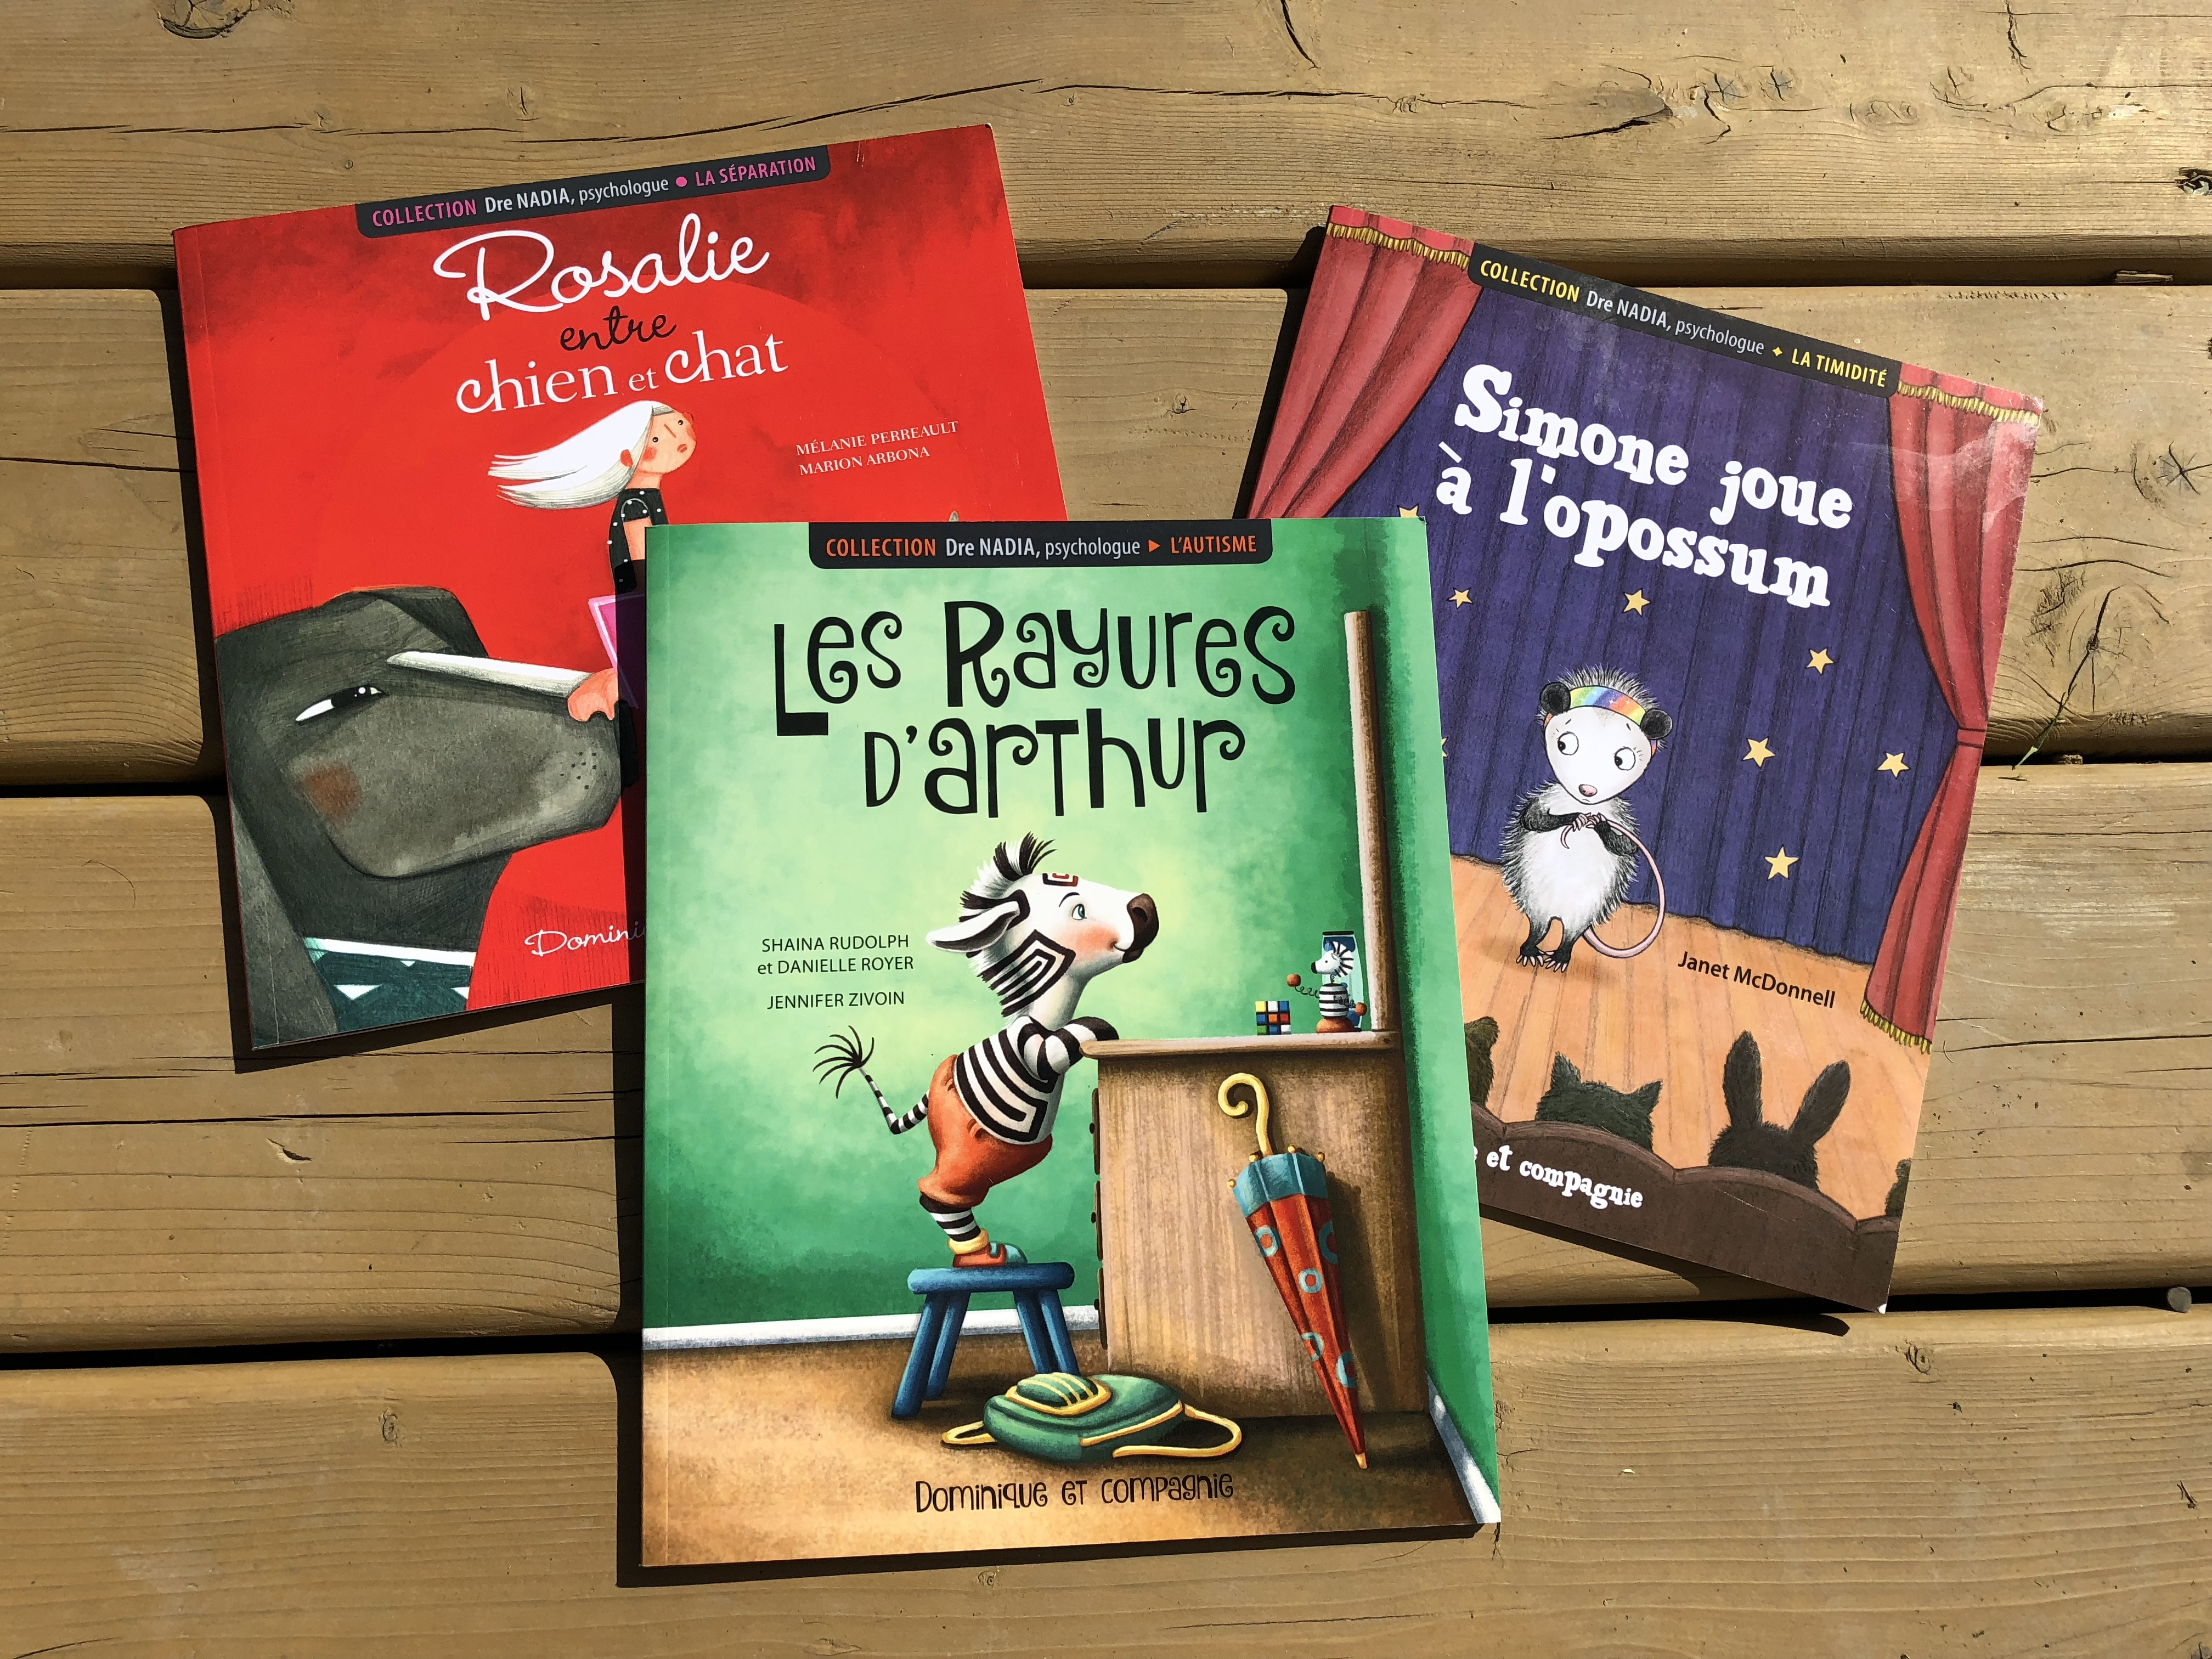 Nouvelle collection de livres de Dre Nadia